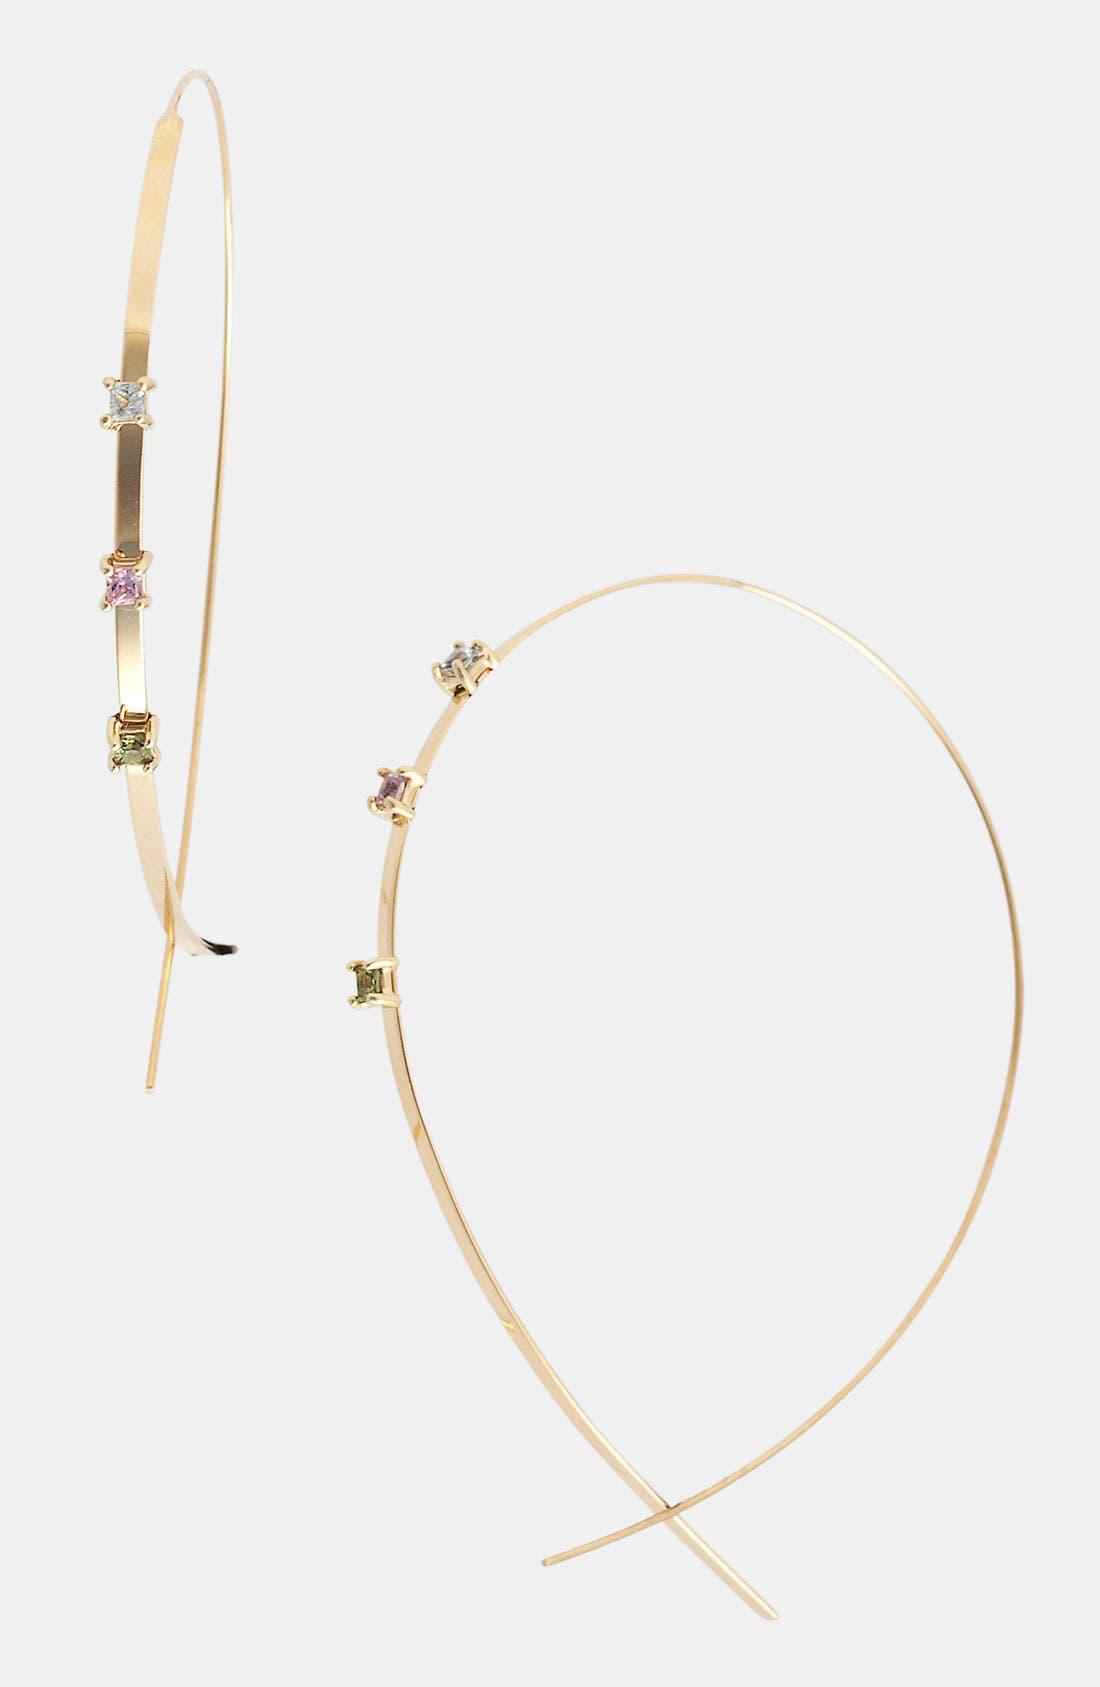 Alternate Image 1 Selected - Lana Jewelry 'Large Ombré Upside Down' Hoop Earrings